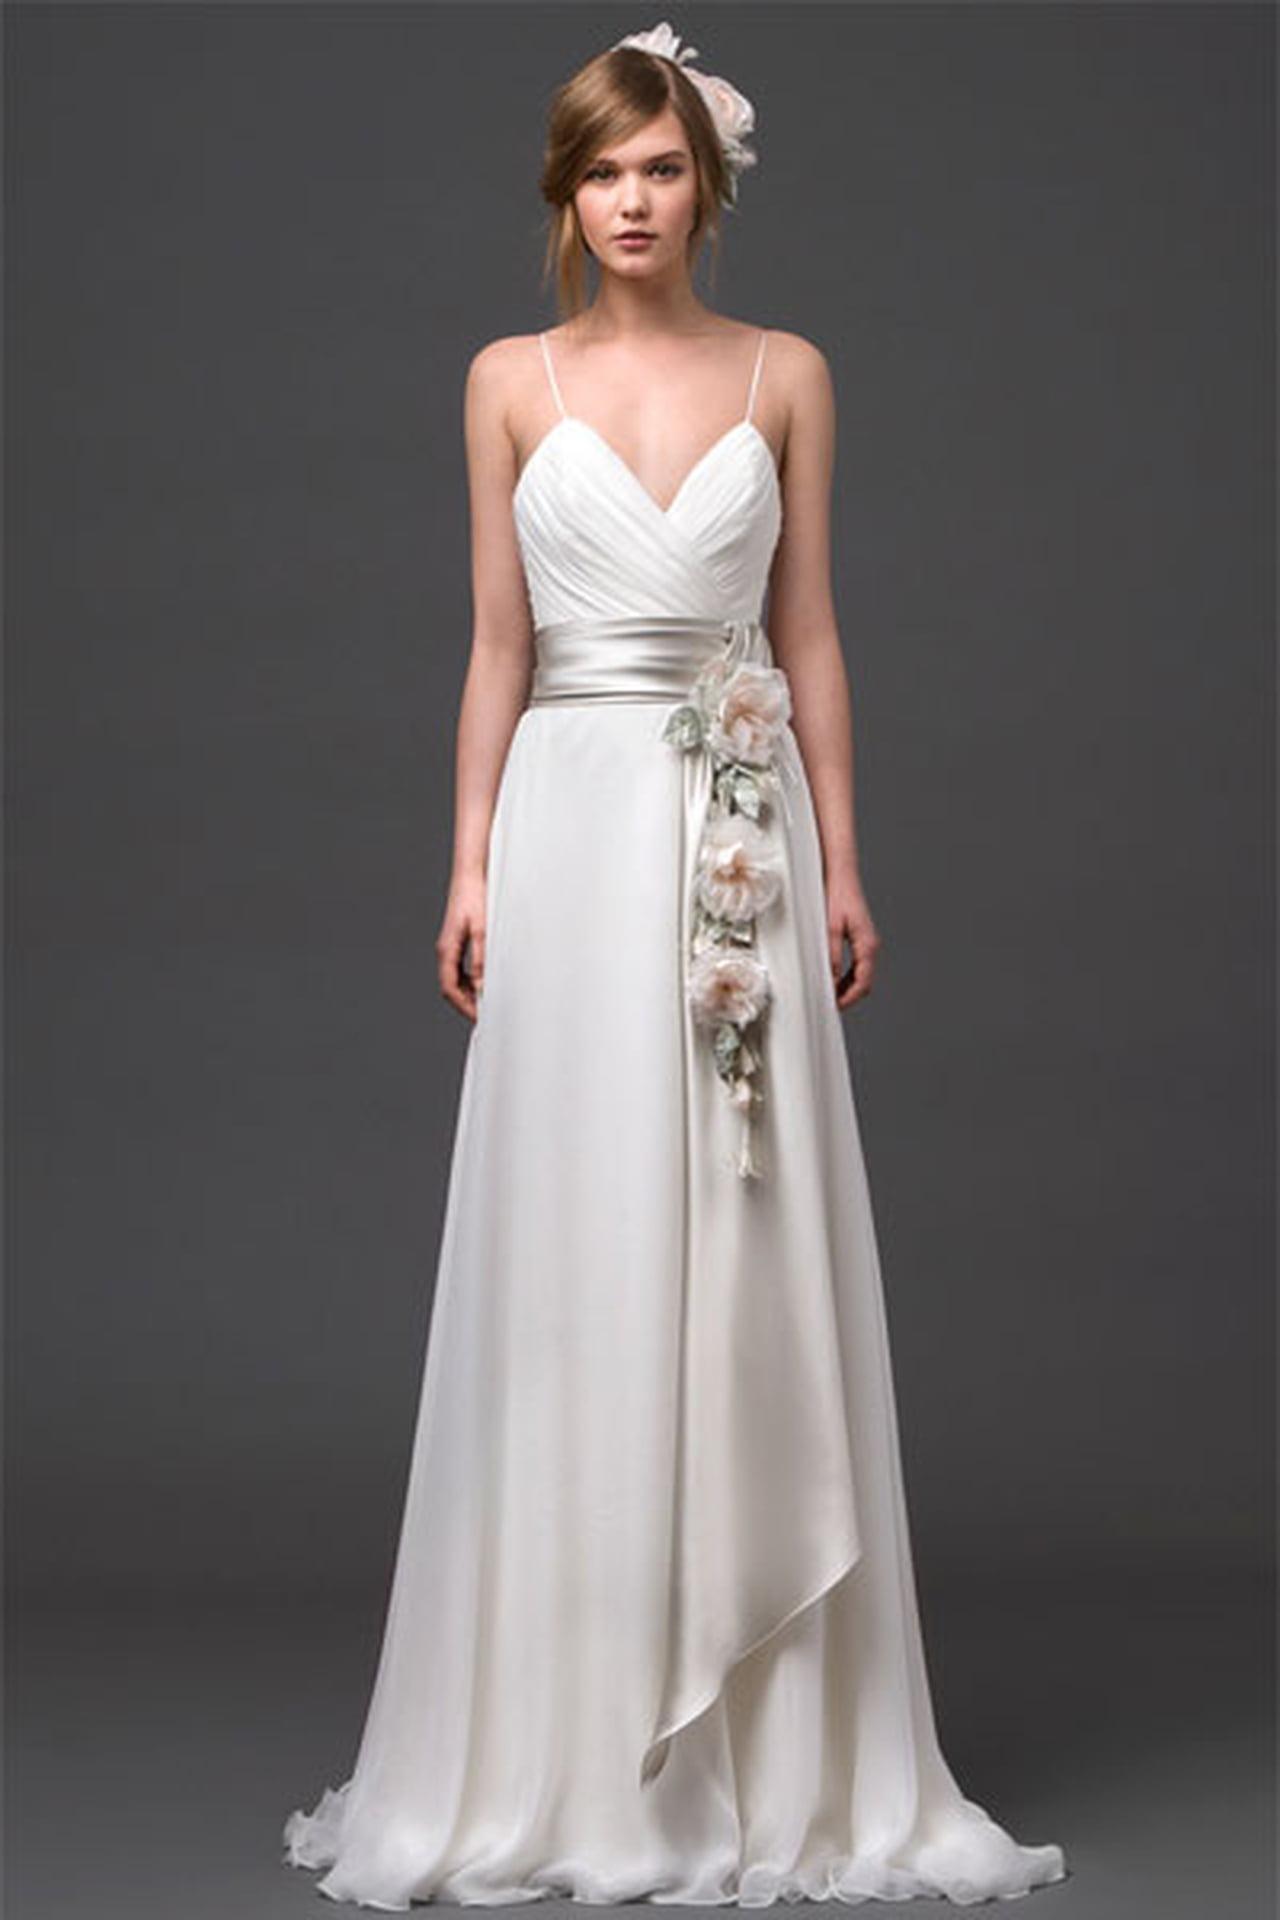 فساتين زفاف البرتا فيريتي 819878